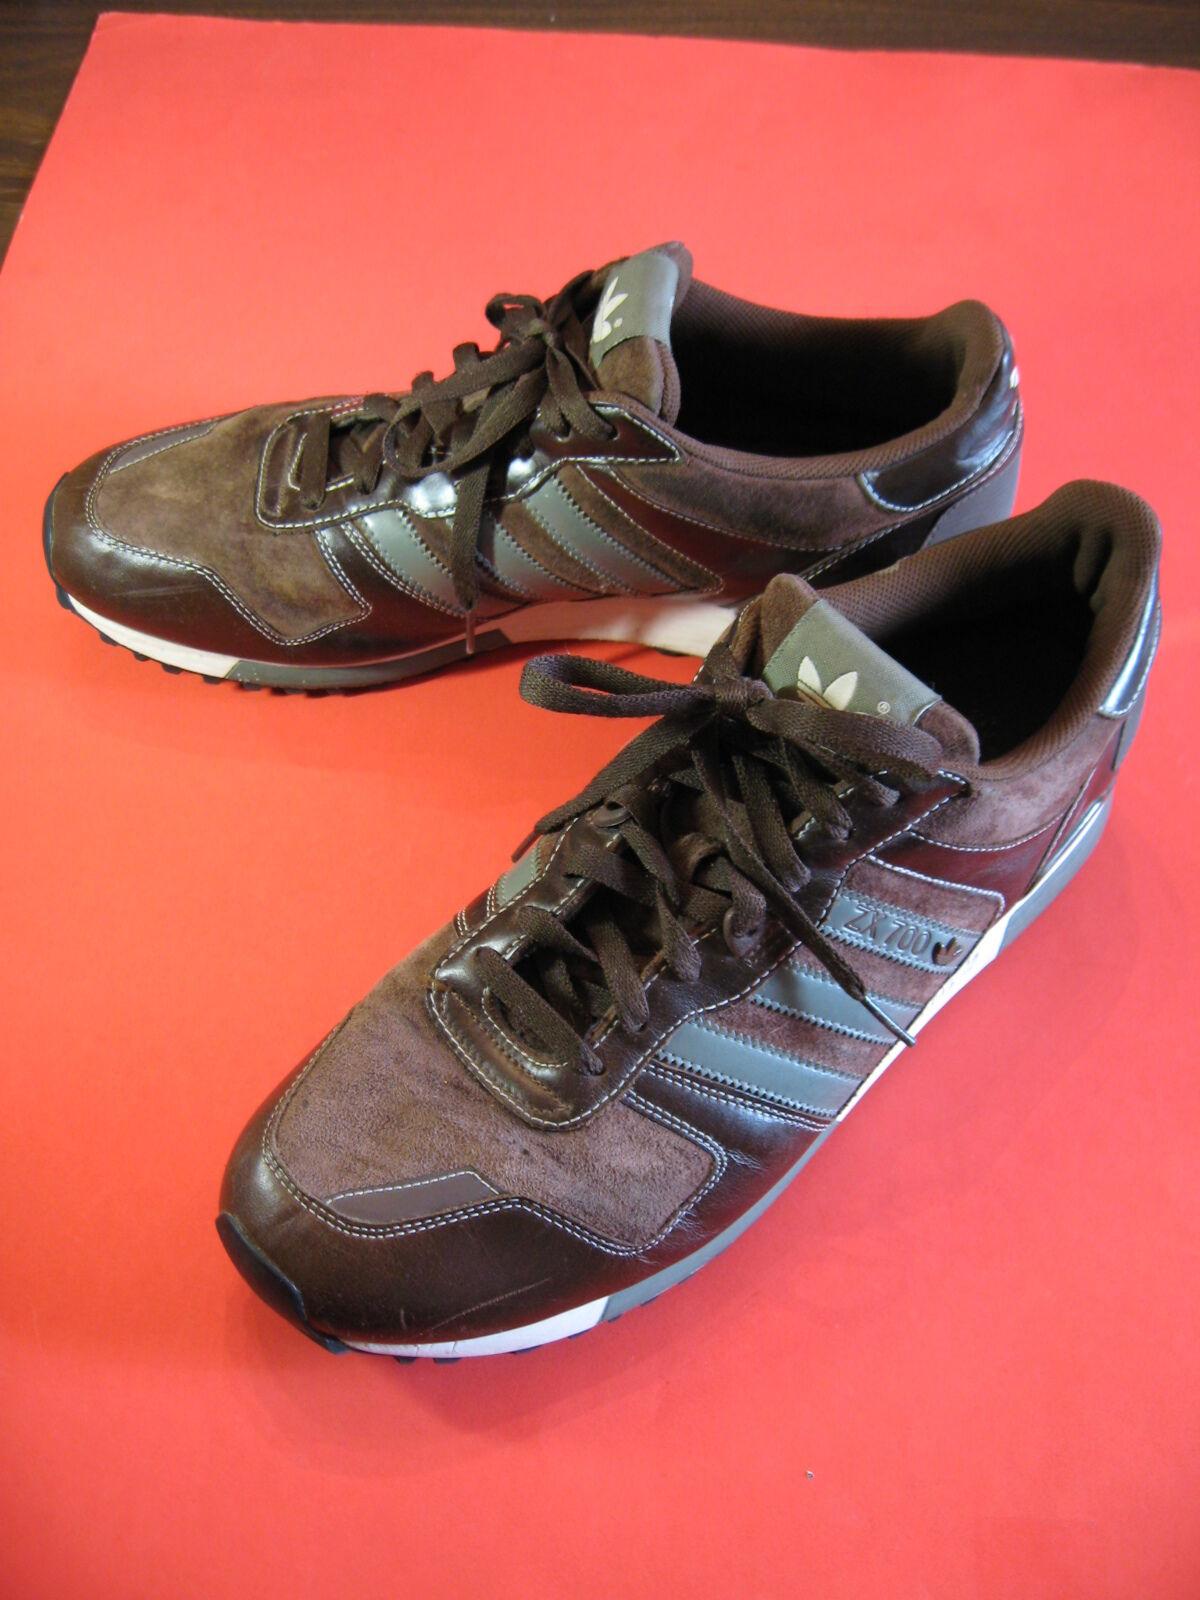 Adidas Originals Zx700 corriendo Zx 700 Zapatillas Zapatos hombre nosotros tamaño para hombre Zapatos 14 Talla 7af243